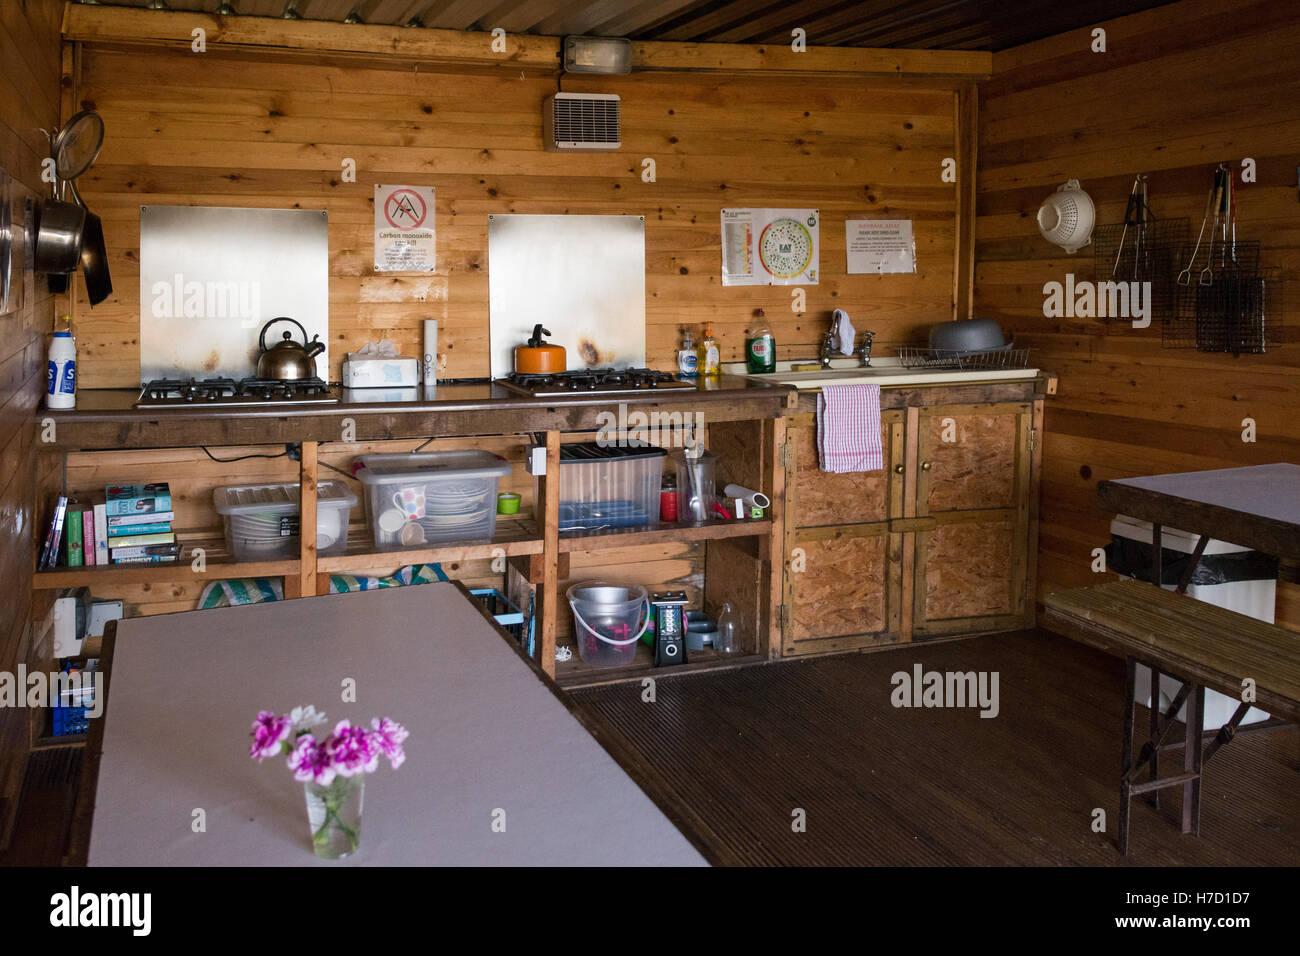 Campeggio Piscina lavaggio fino strutture - una cucina ben attrezzata per camper a vista Solway vacanze campeggio, Immagini Stock